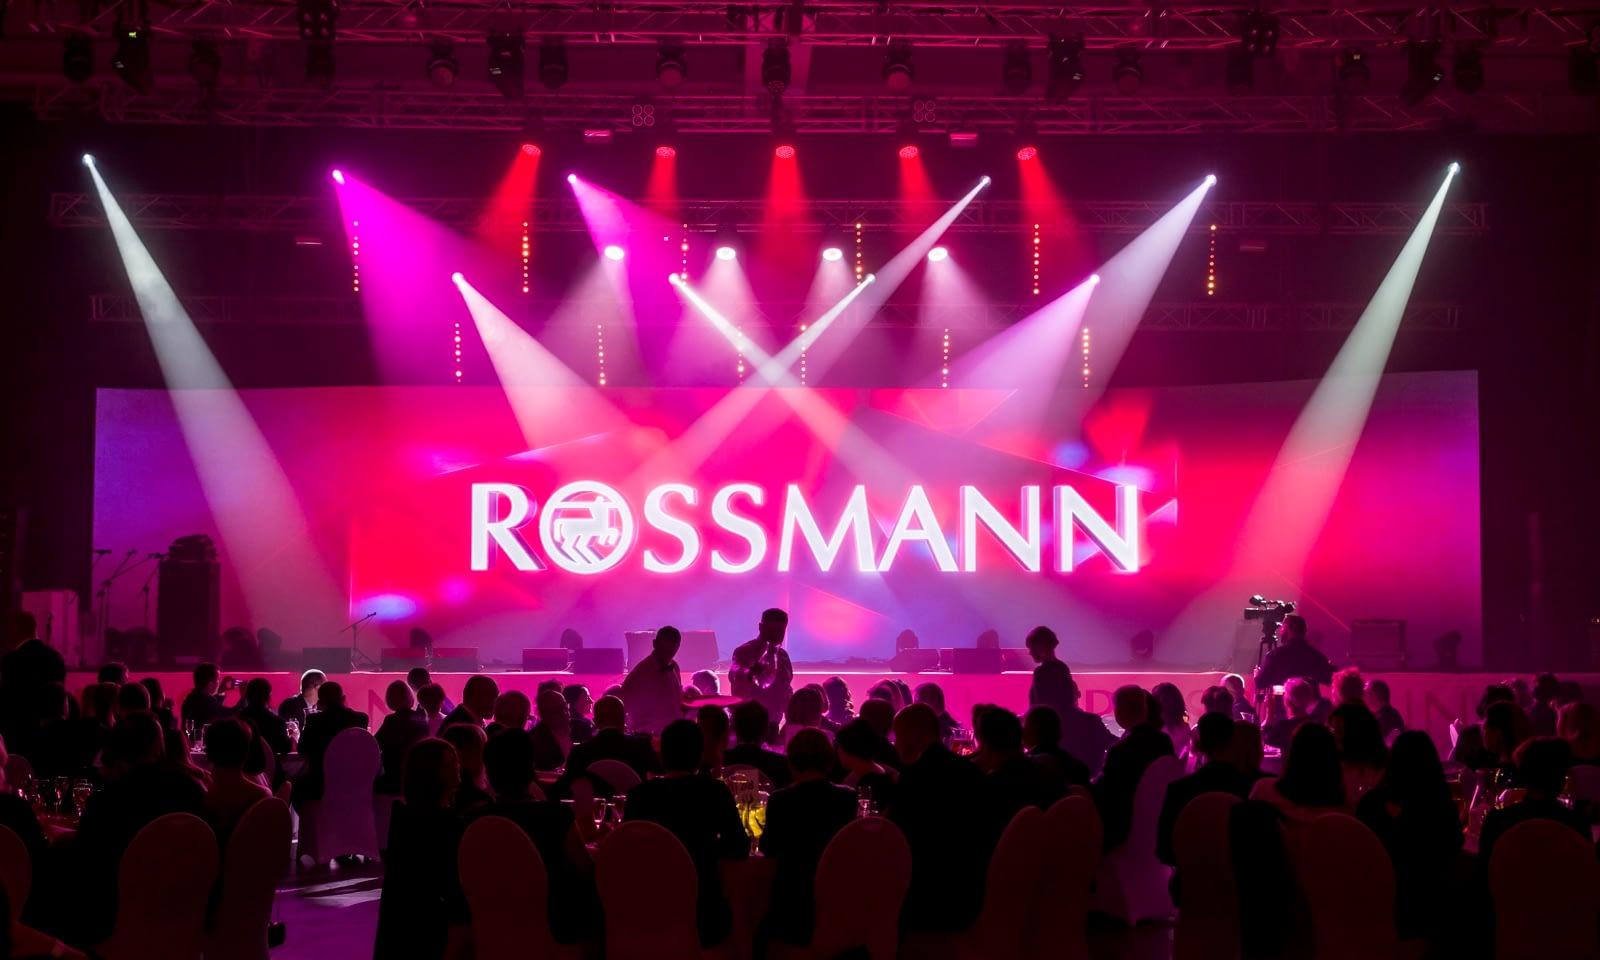 Brill AV Media na gali Rossmann 2017